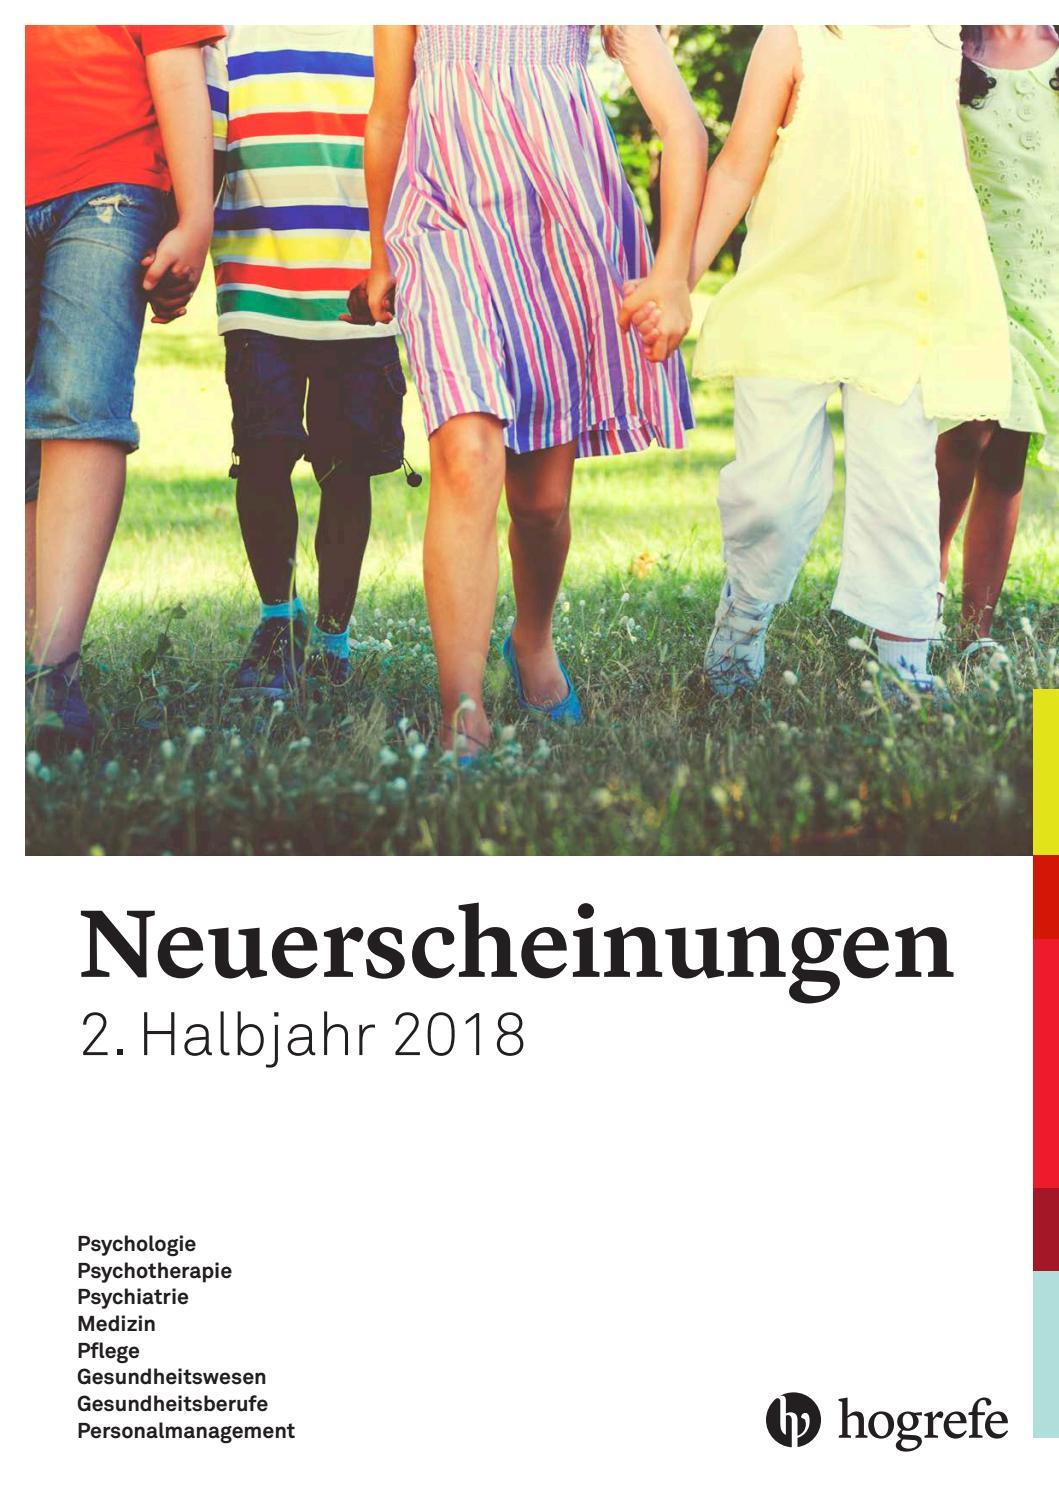 Hogrefe Neuerscheinungen 2. Halbjahr 2018 by Hogrefe - issuu